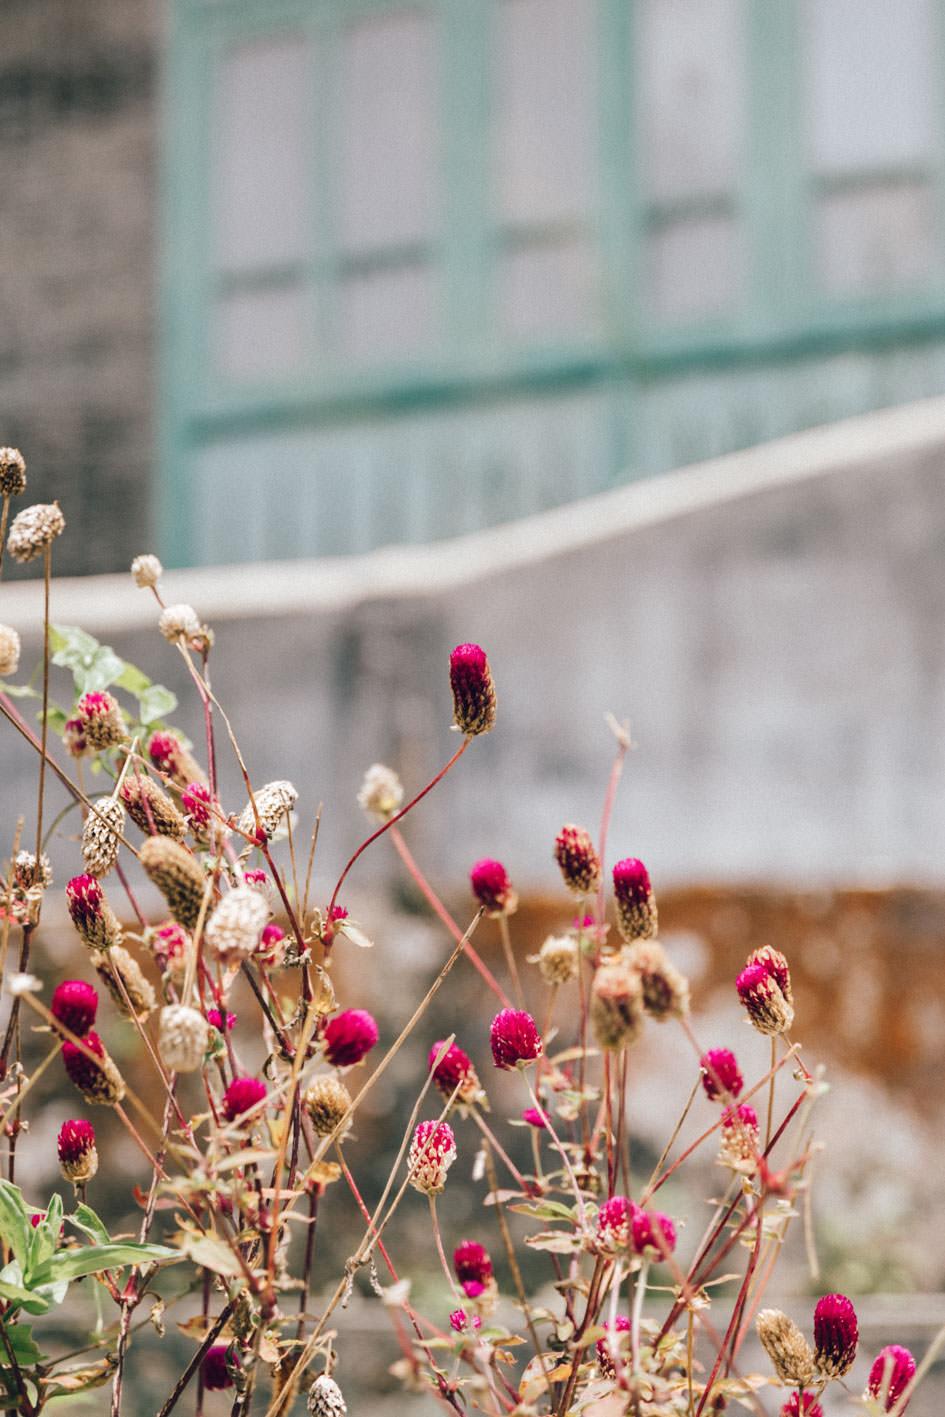 makro flowers